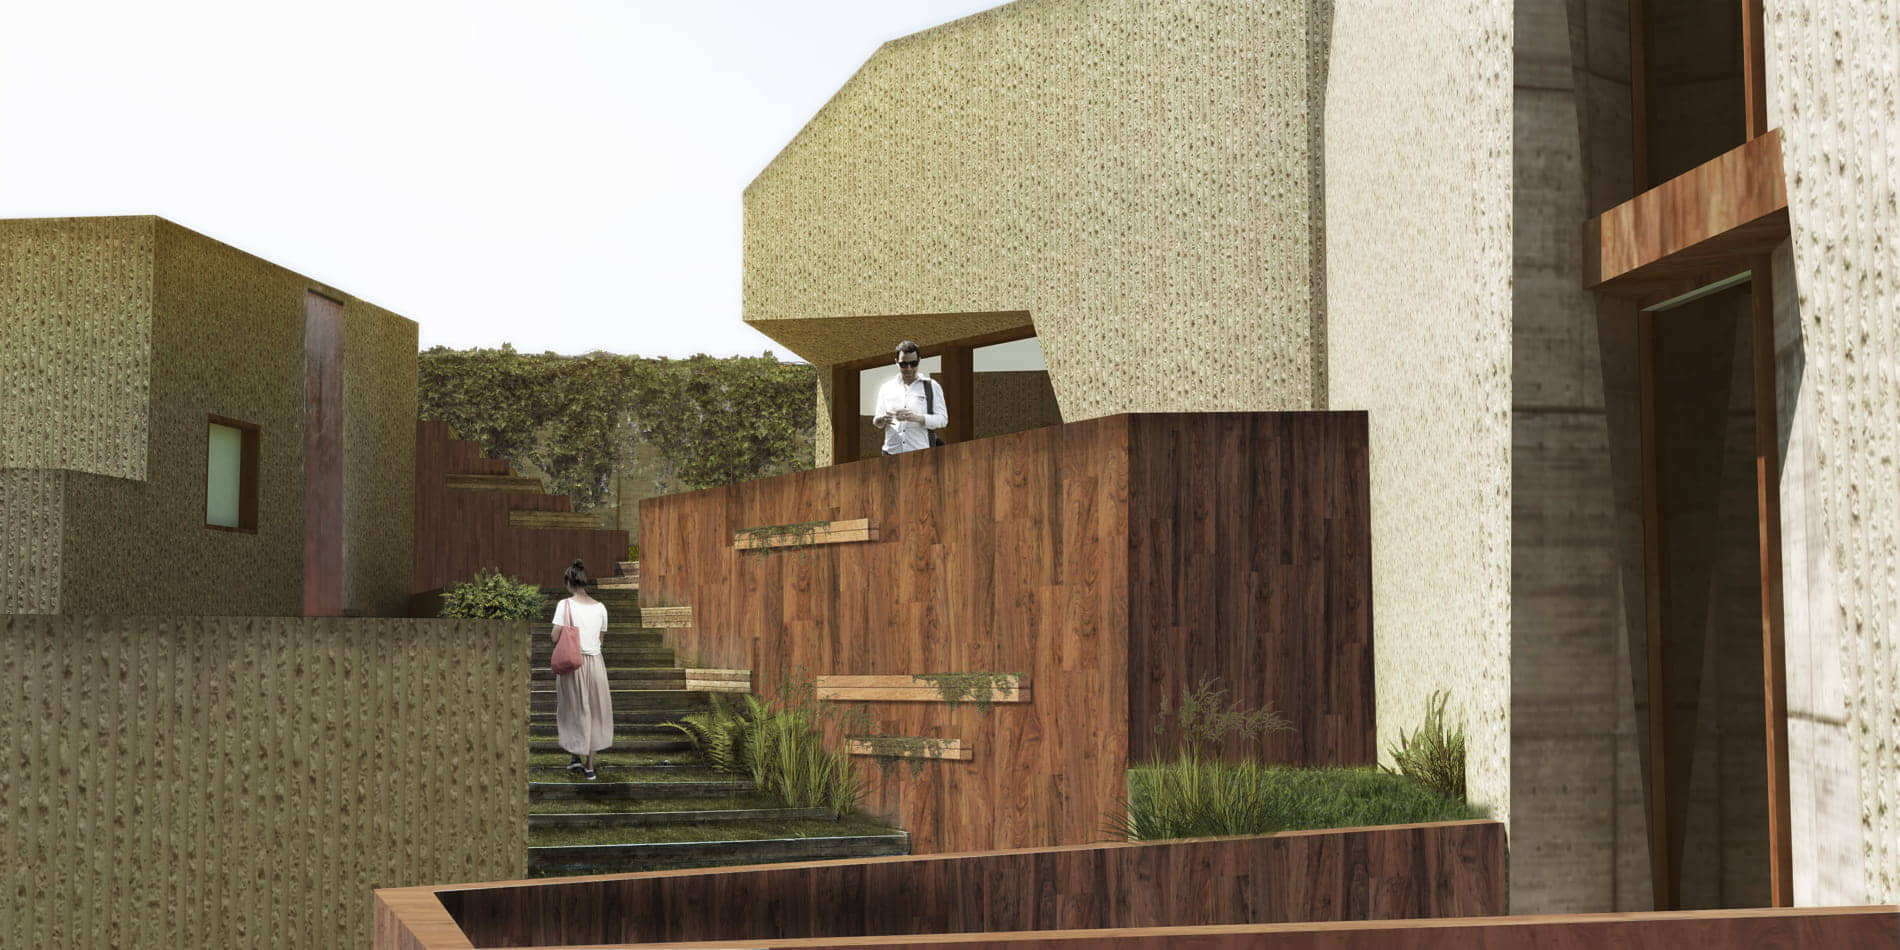 alt=vista de la subida a las viviendas camuflaje